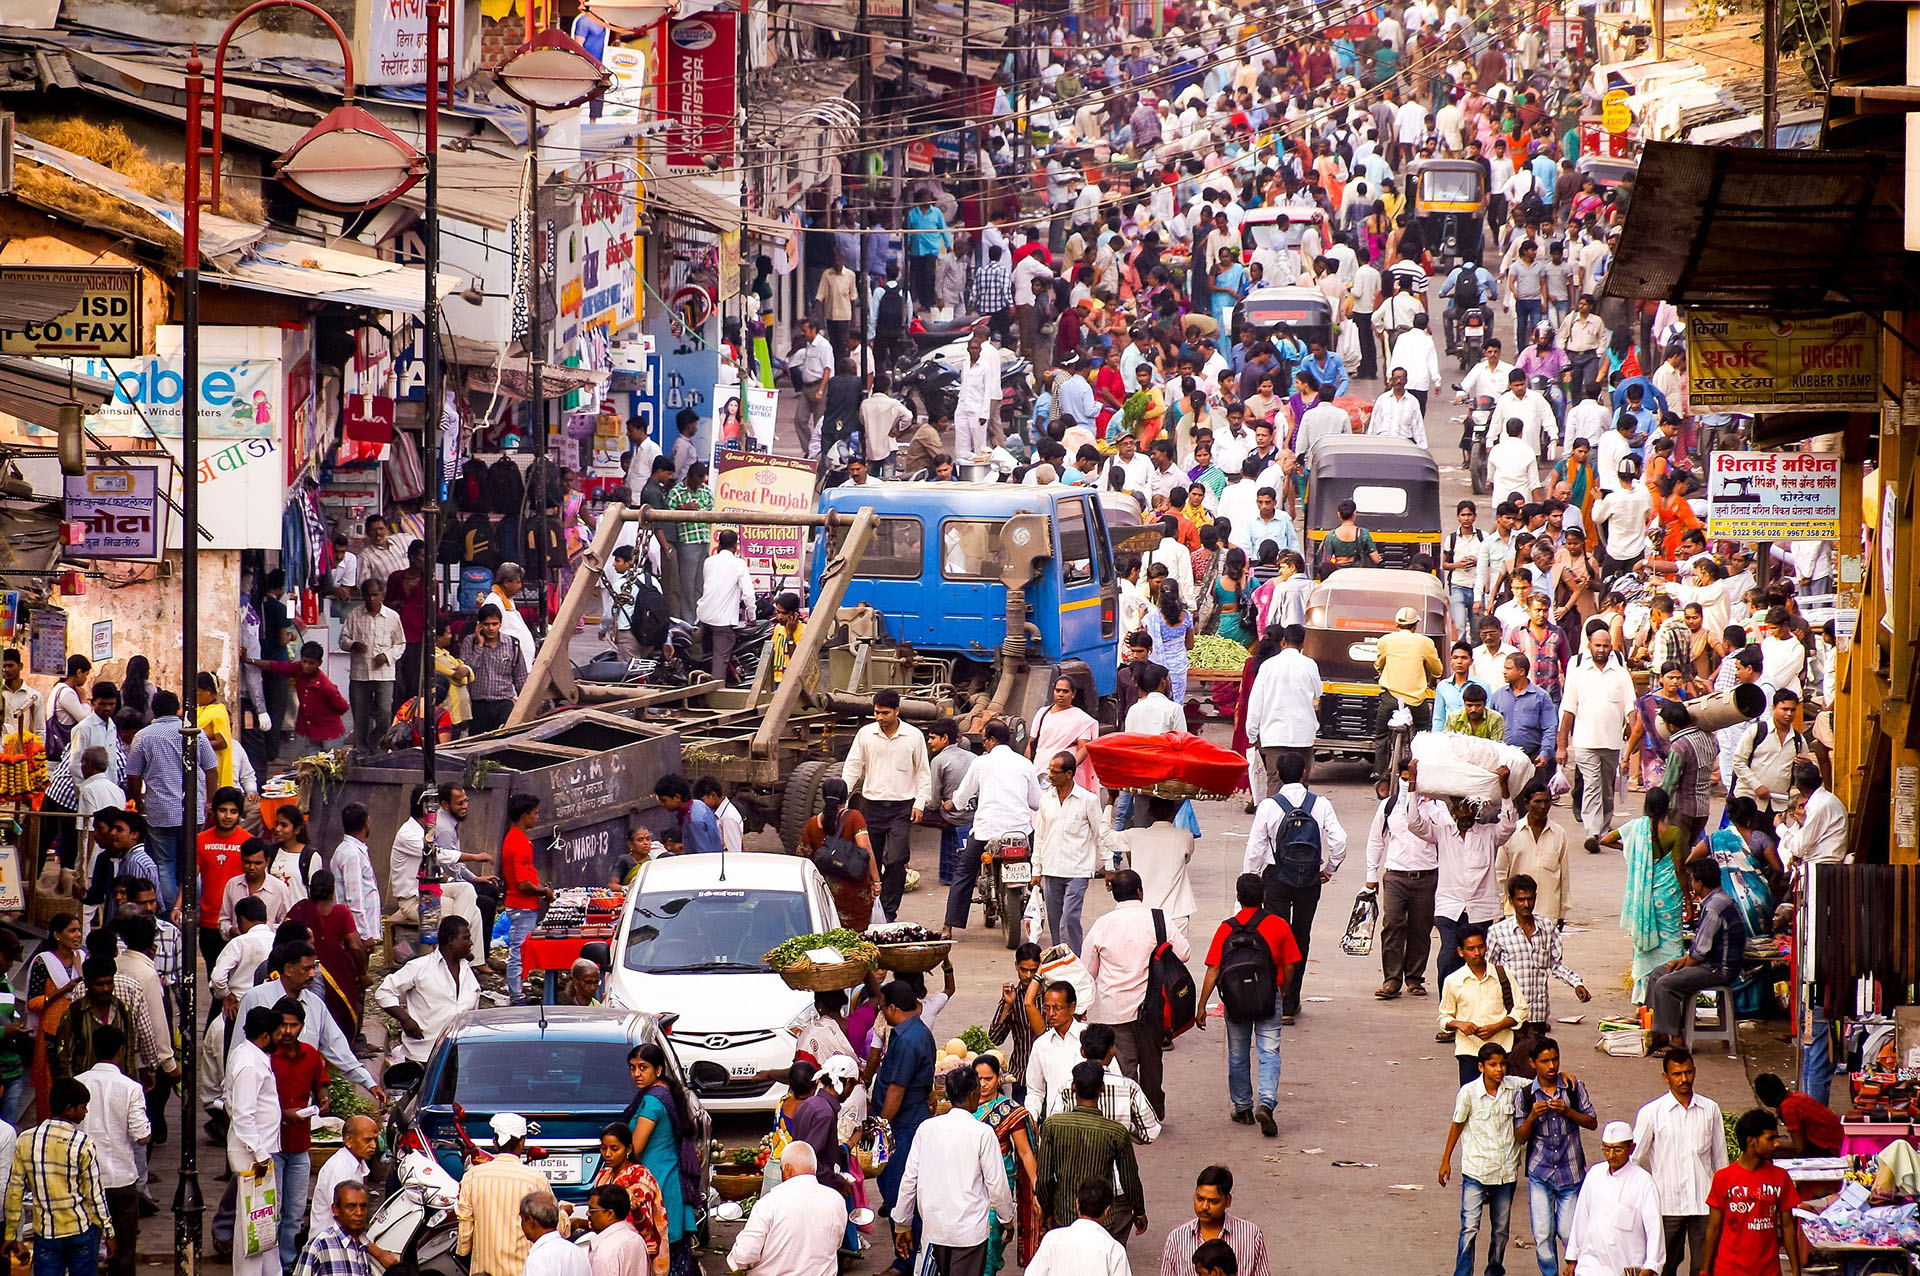 ANTES - Las estimaciones indican que India pasaría a China como la nación más poblada del mundo en los próximos años (Shutterstock)